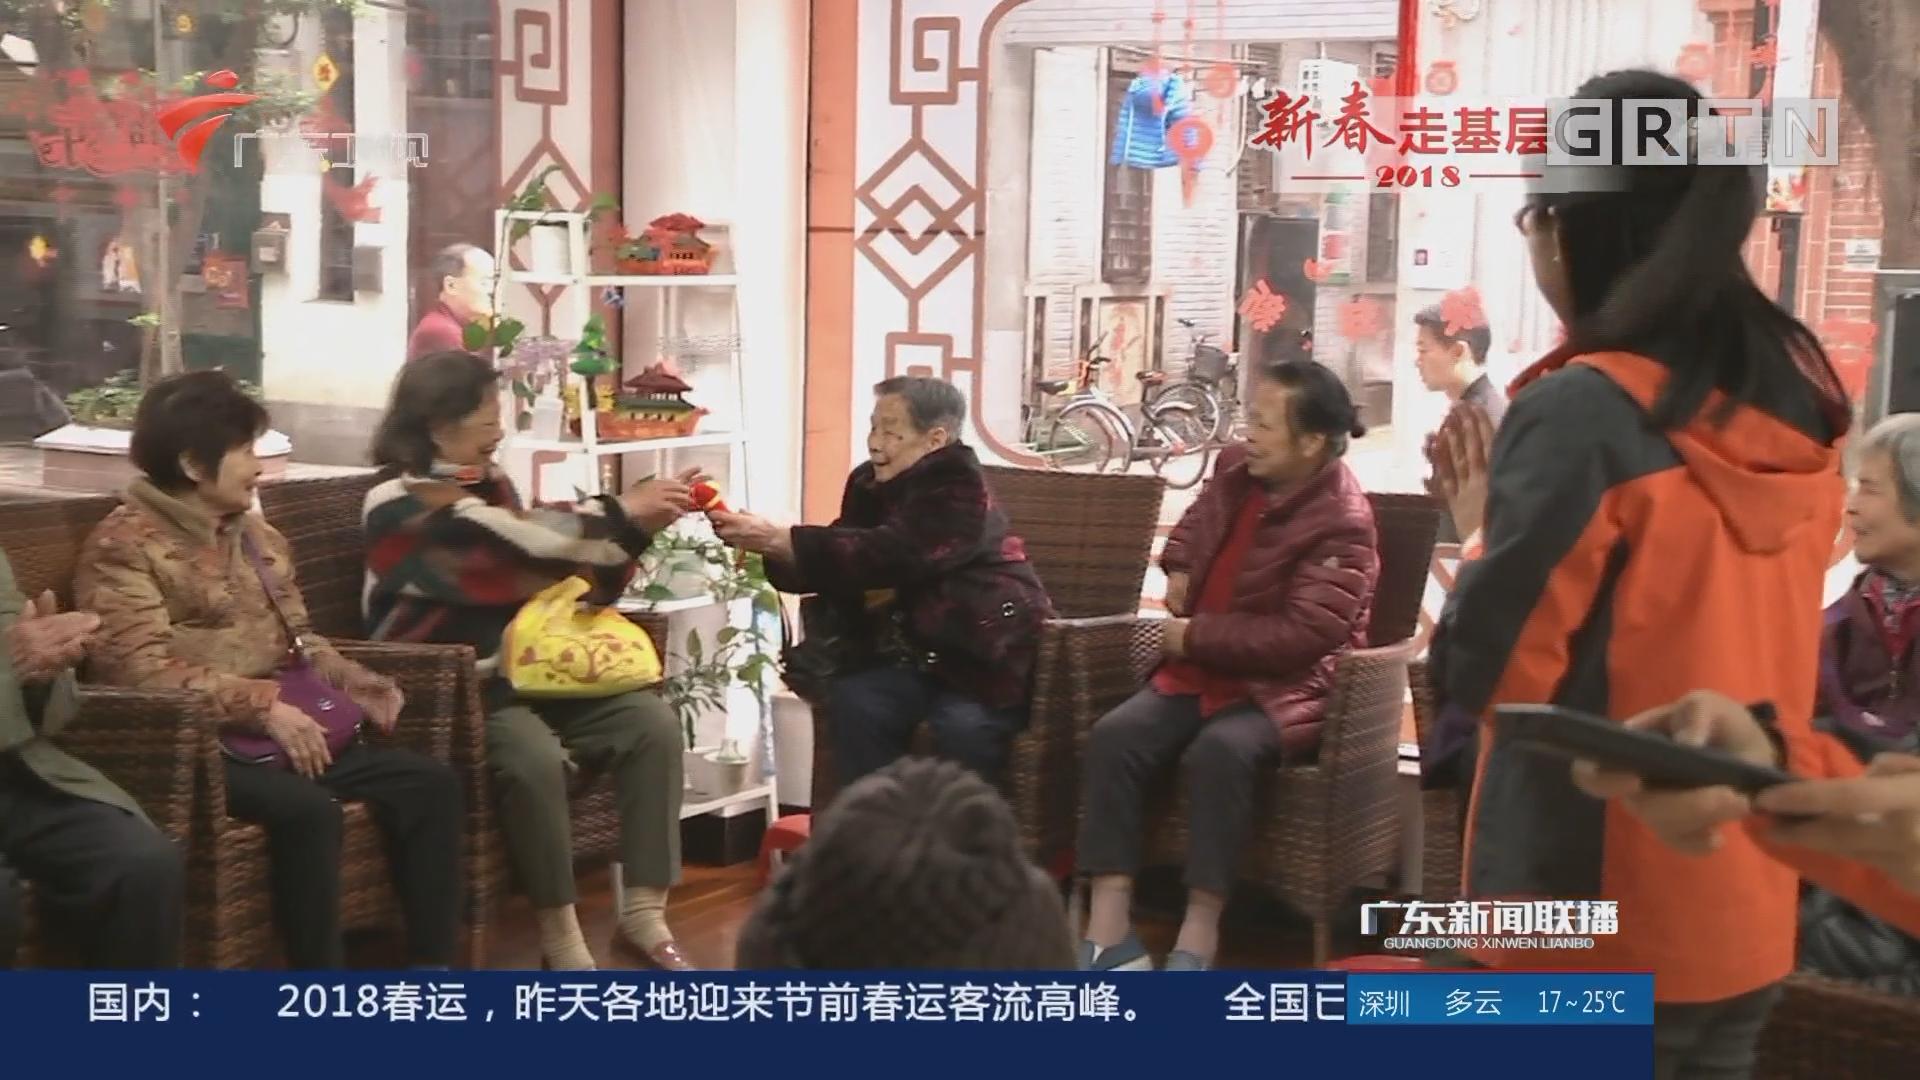 广州:北京街的长者欢乐团年饭